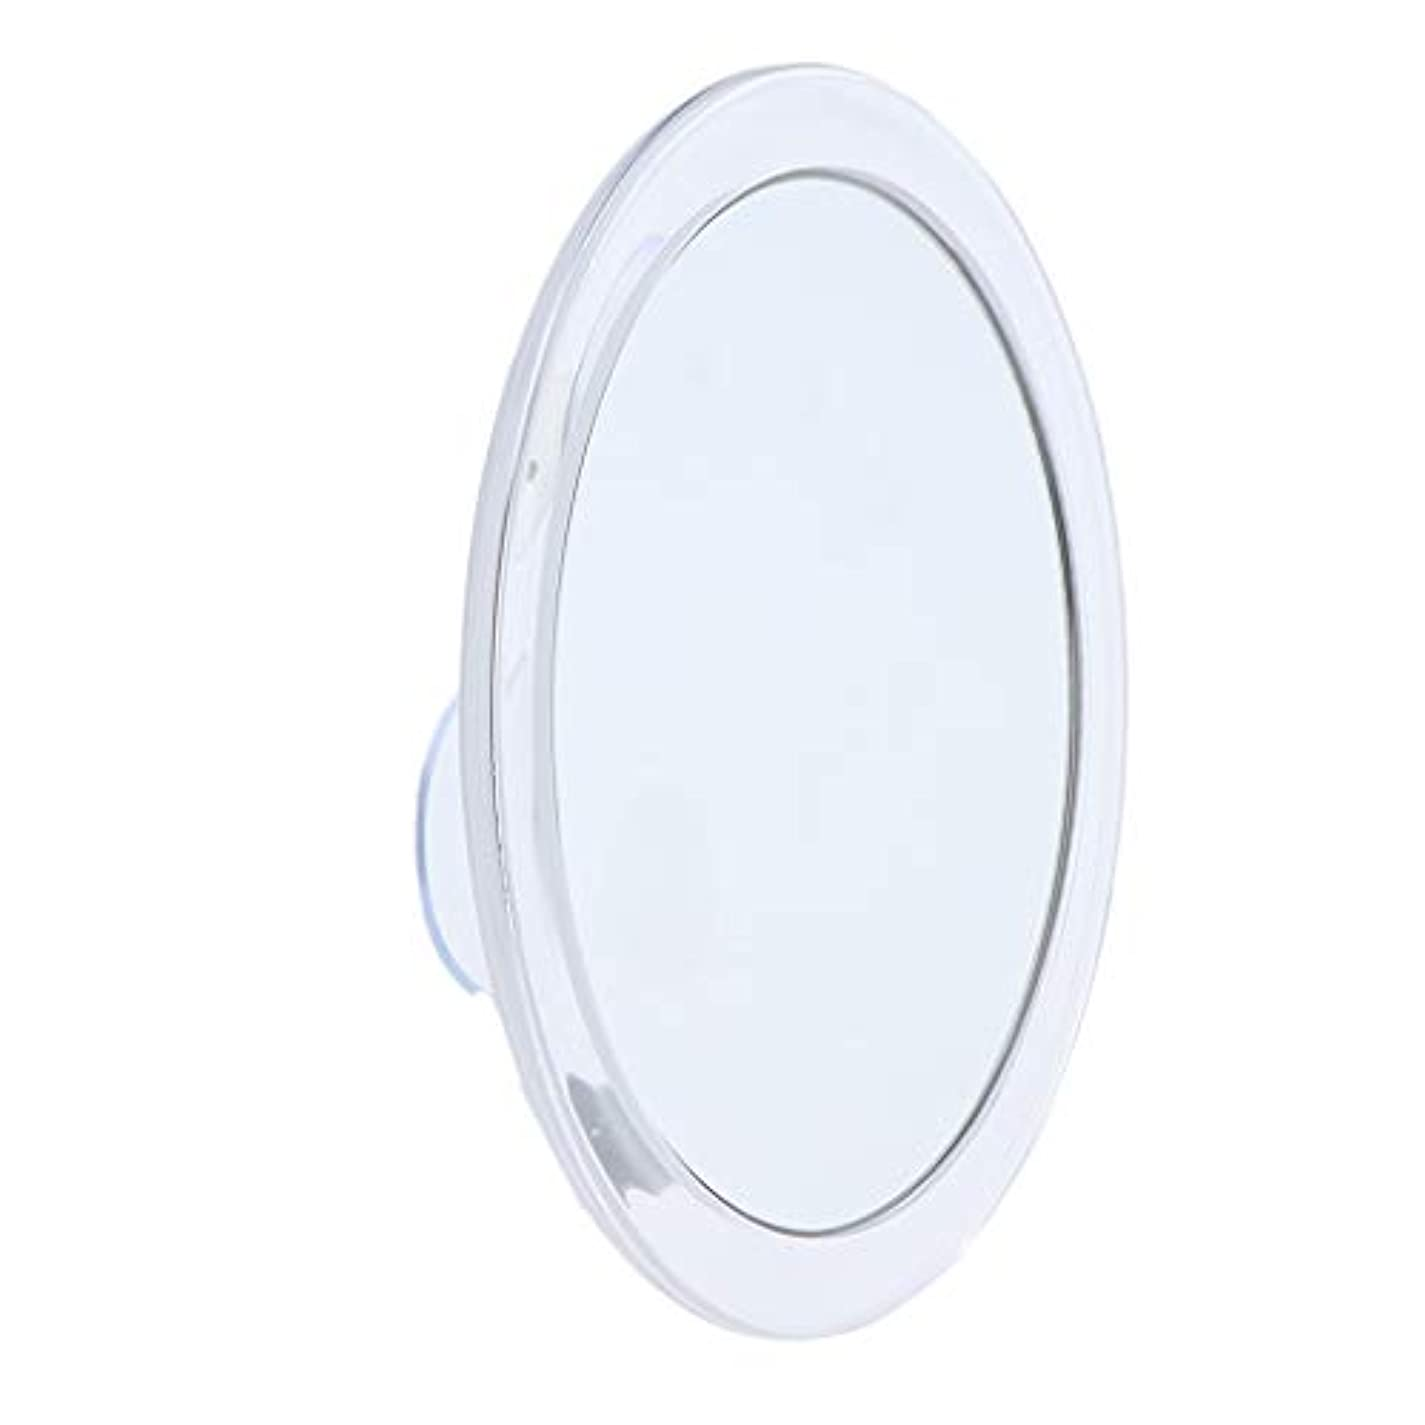 スリラー中に夜Toygogo サクションミラー 化粧ミラー 化粧鏡 メイクアップミラー 5倍 拡大鏡 吸盤付き